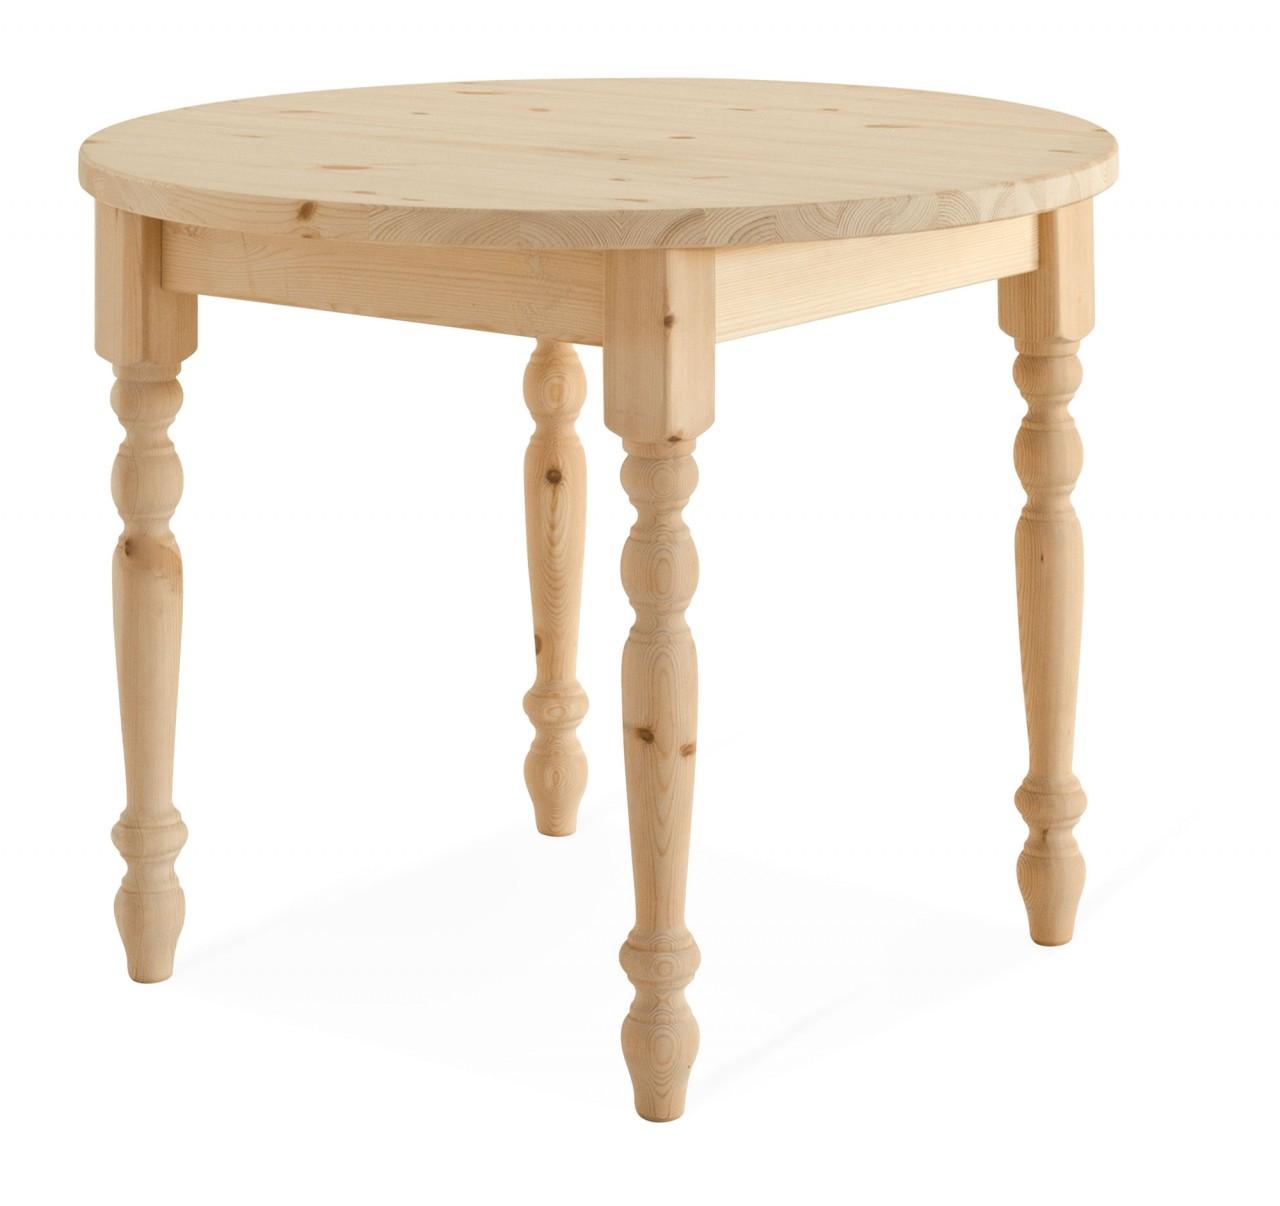 Tavoli in pino tavolo tondo arredamenti rustici for Tavolo tondo